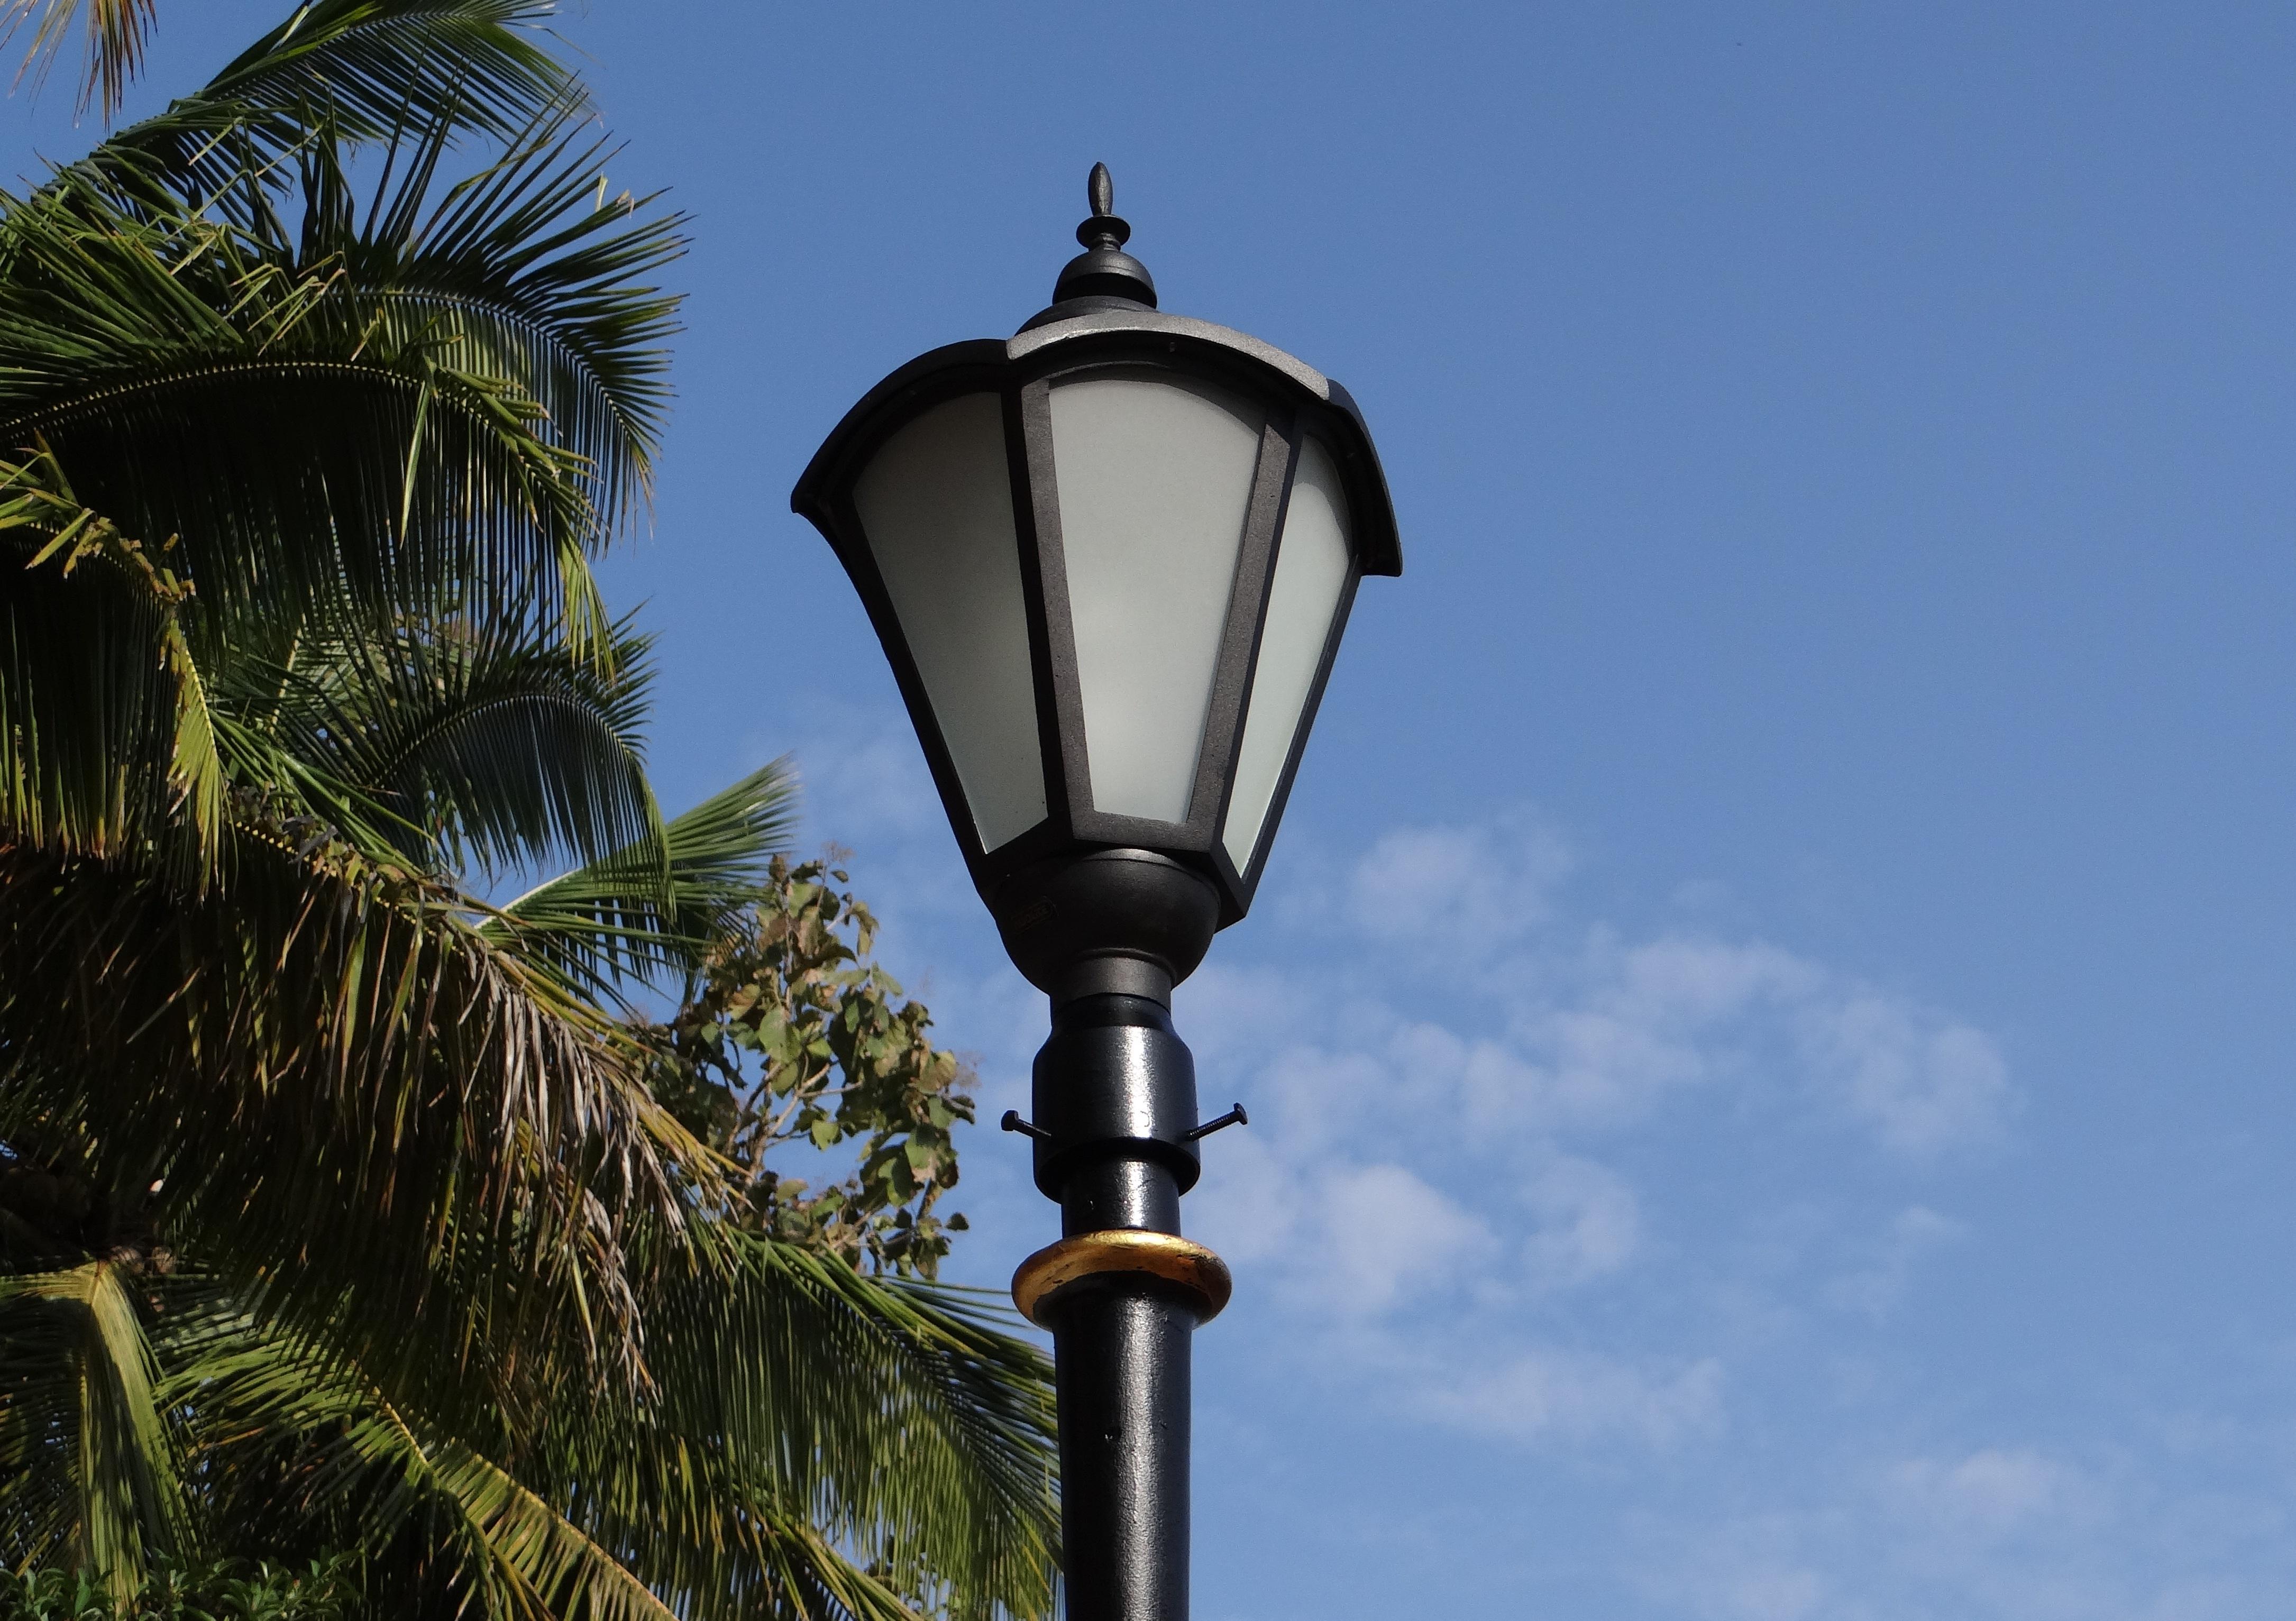 Images Gratuites : de plein air, lumière, architecture